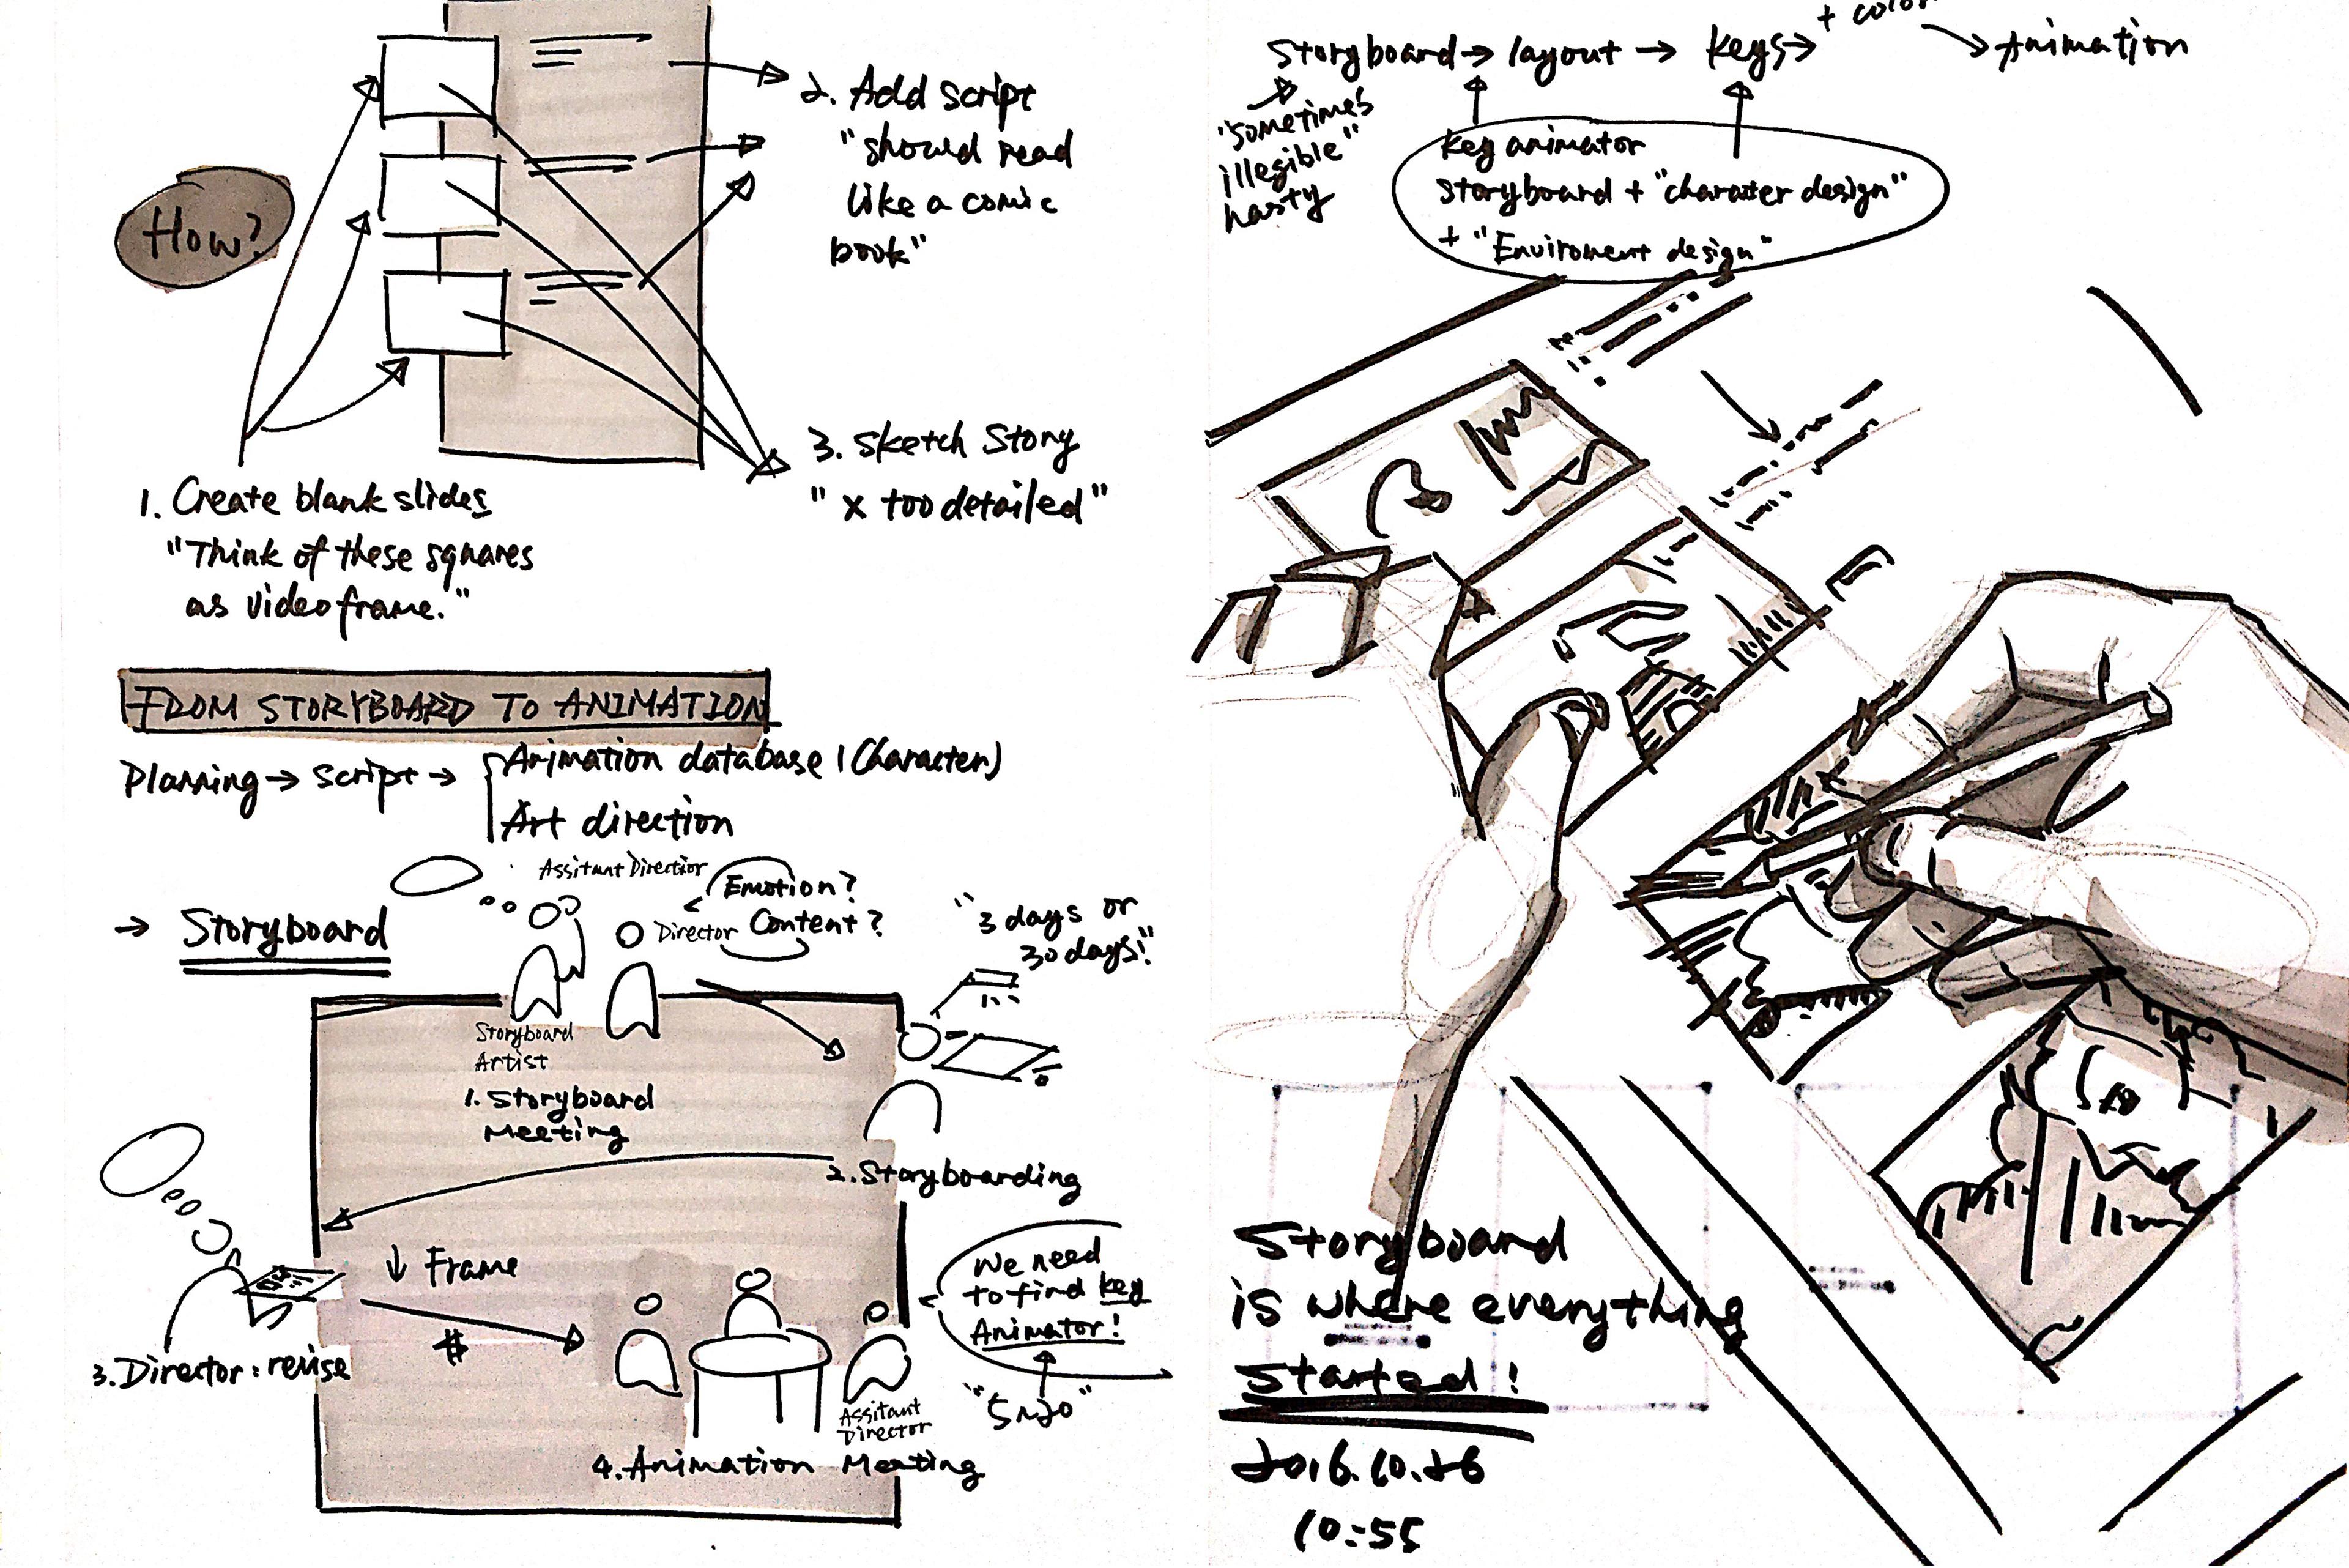 YUNTING LIU - Sketches